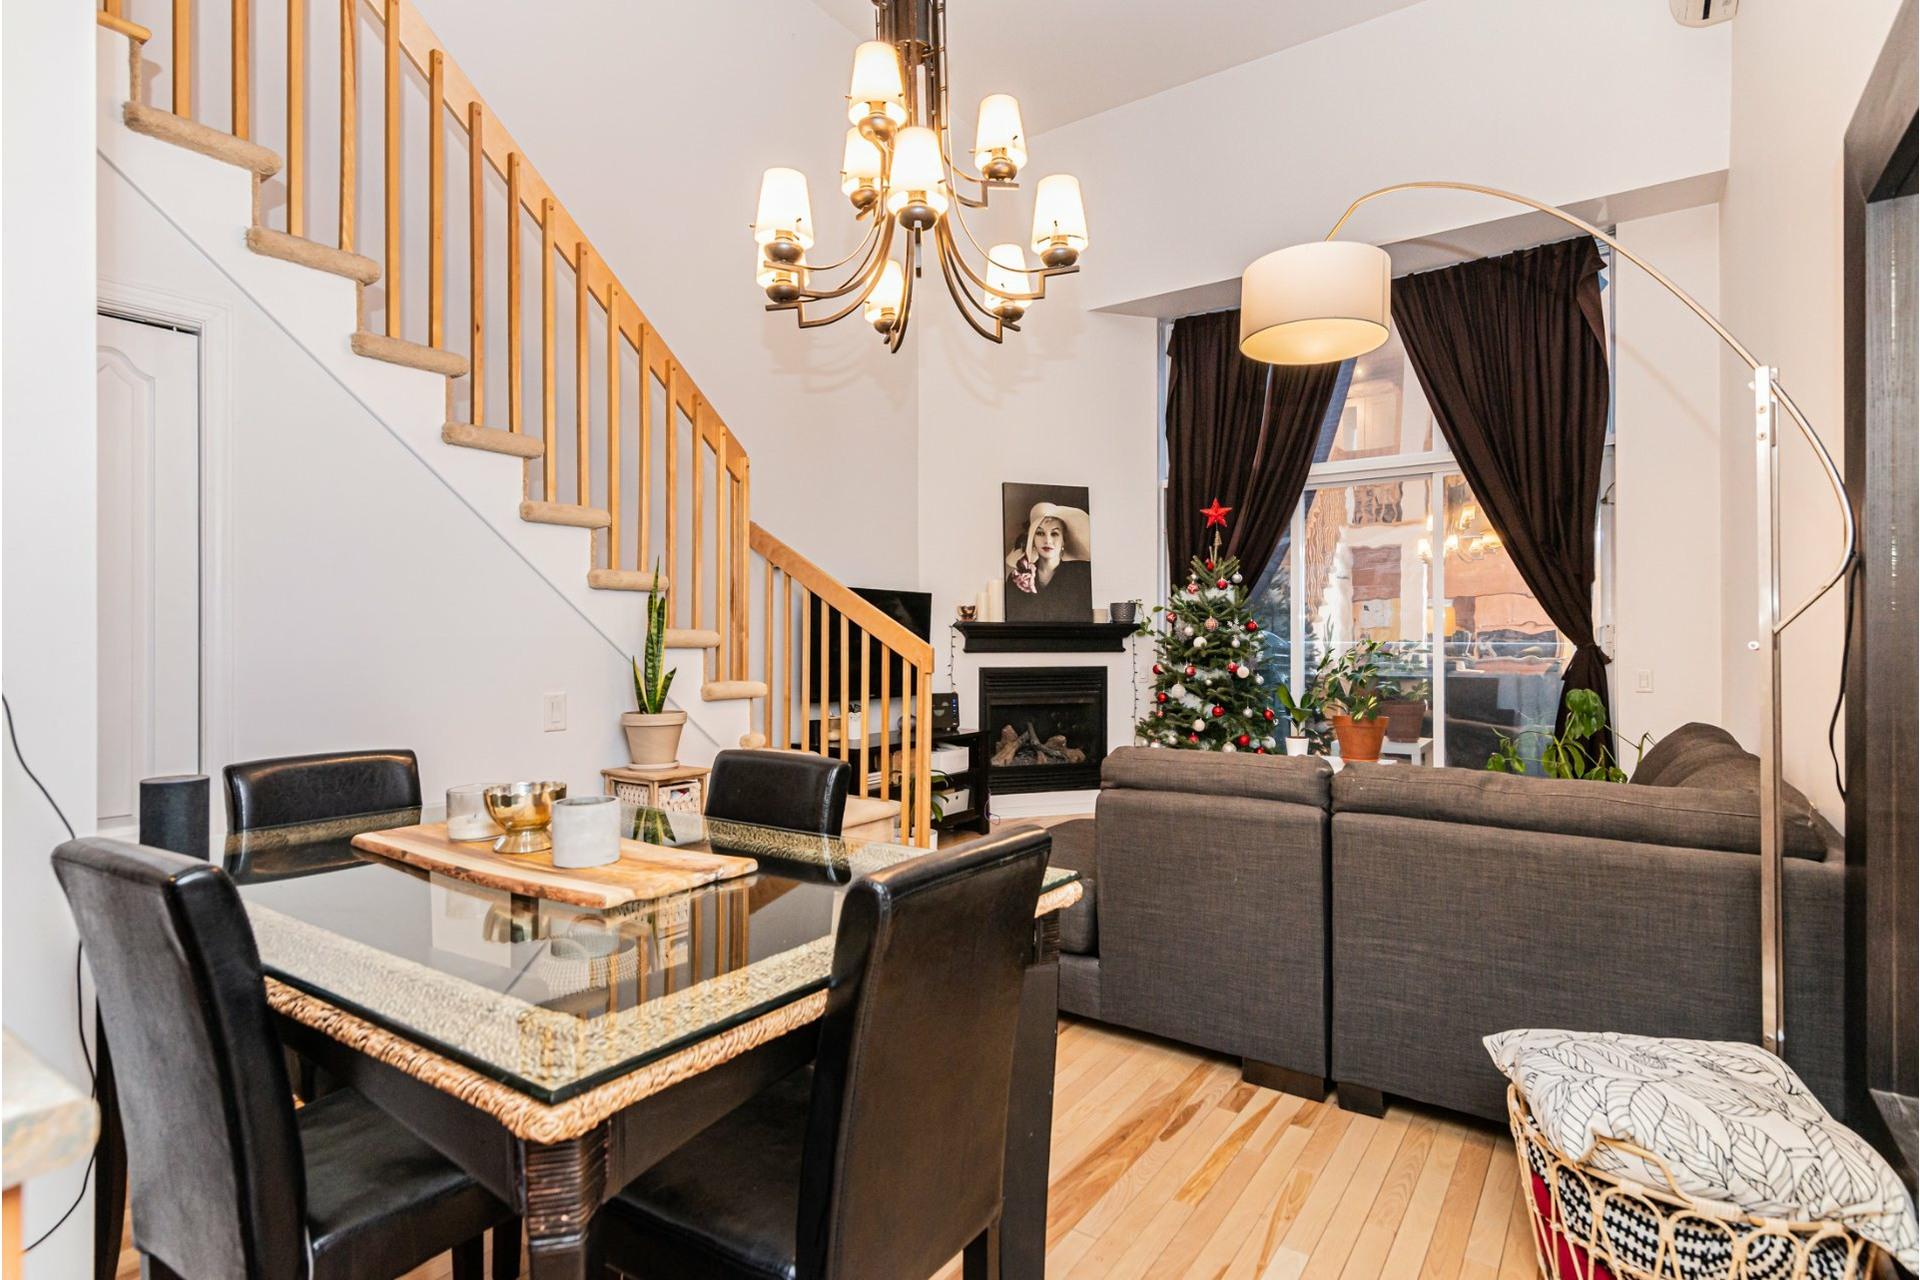 image 3 - Appartement À vendre Lachine Montréal  - 5 pièces